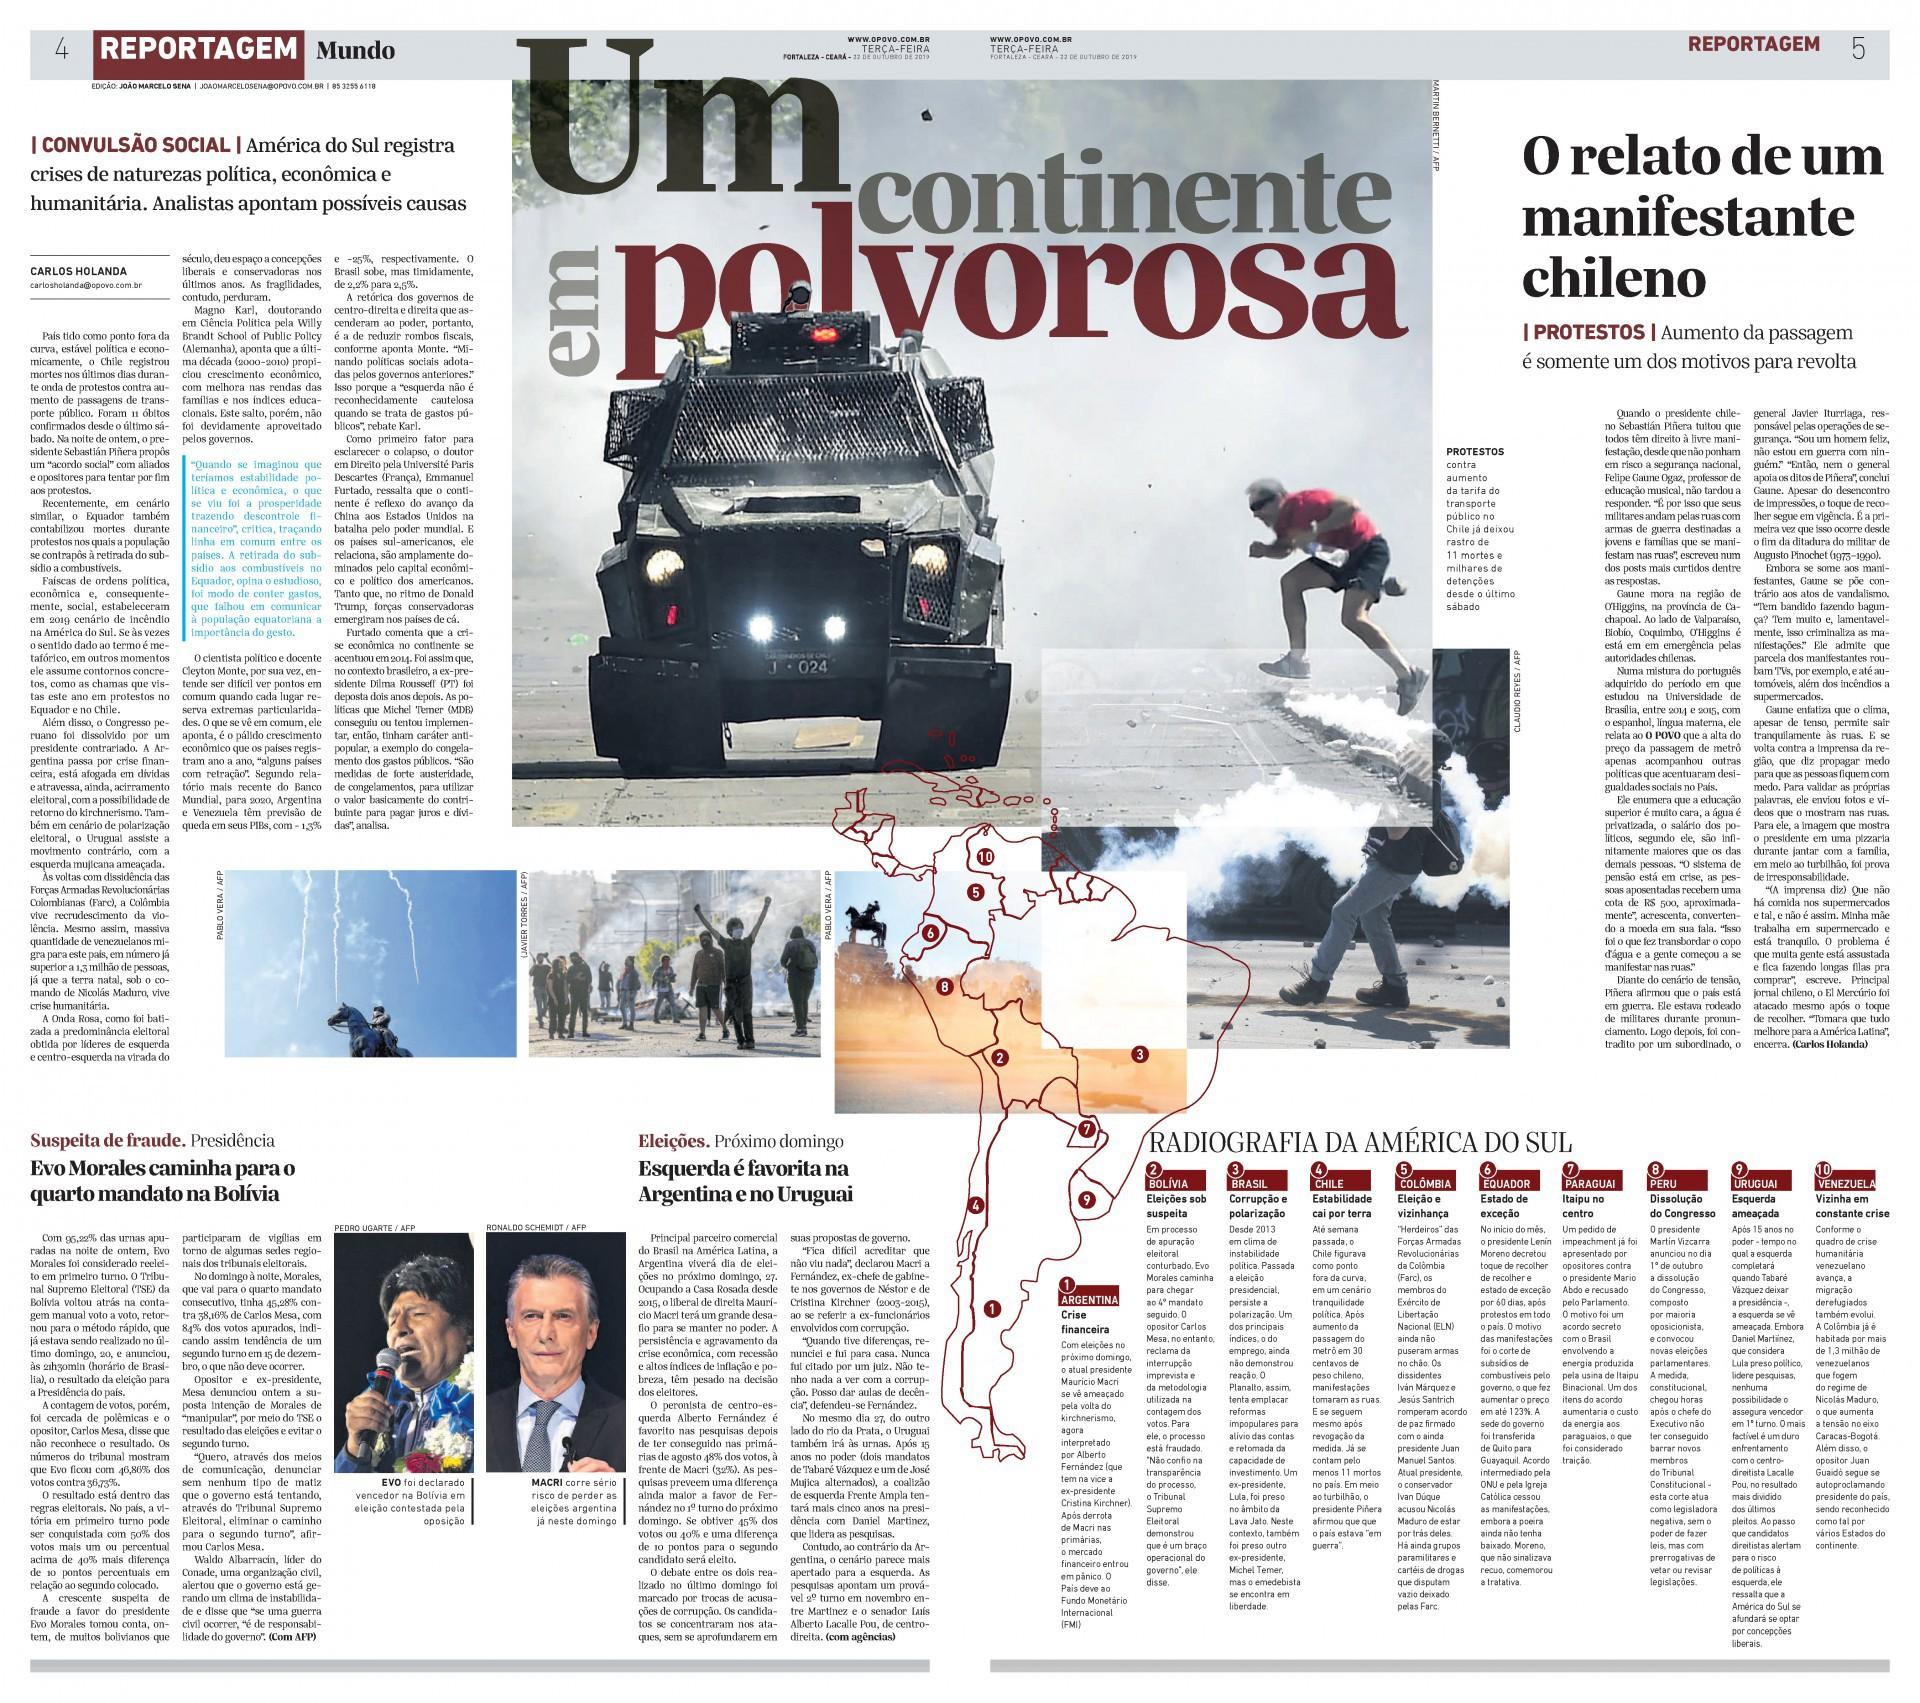 Em 22 de outubro de 2019, O POVO publicou reportagem trazendo uma panorama de crise na América do Sul. Em 11 meses, muita coisa mudou com a pandemia, mas o cenário de tensão prossegue